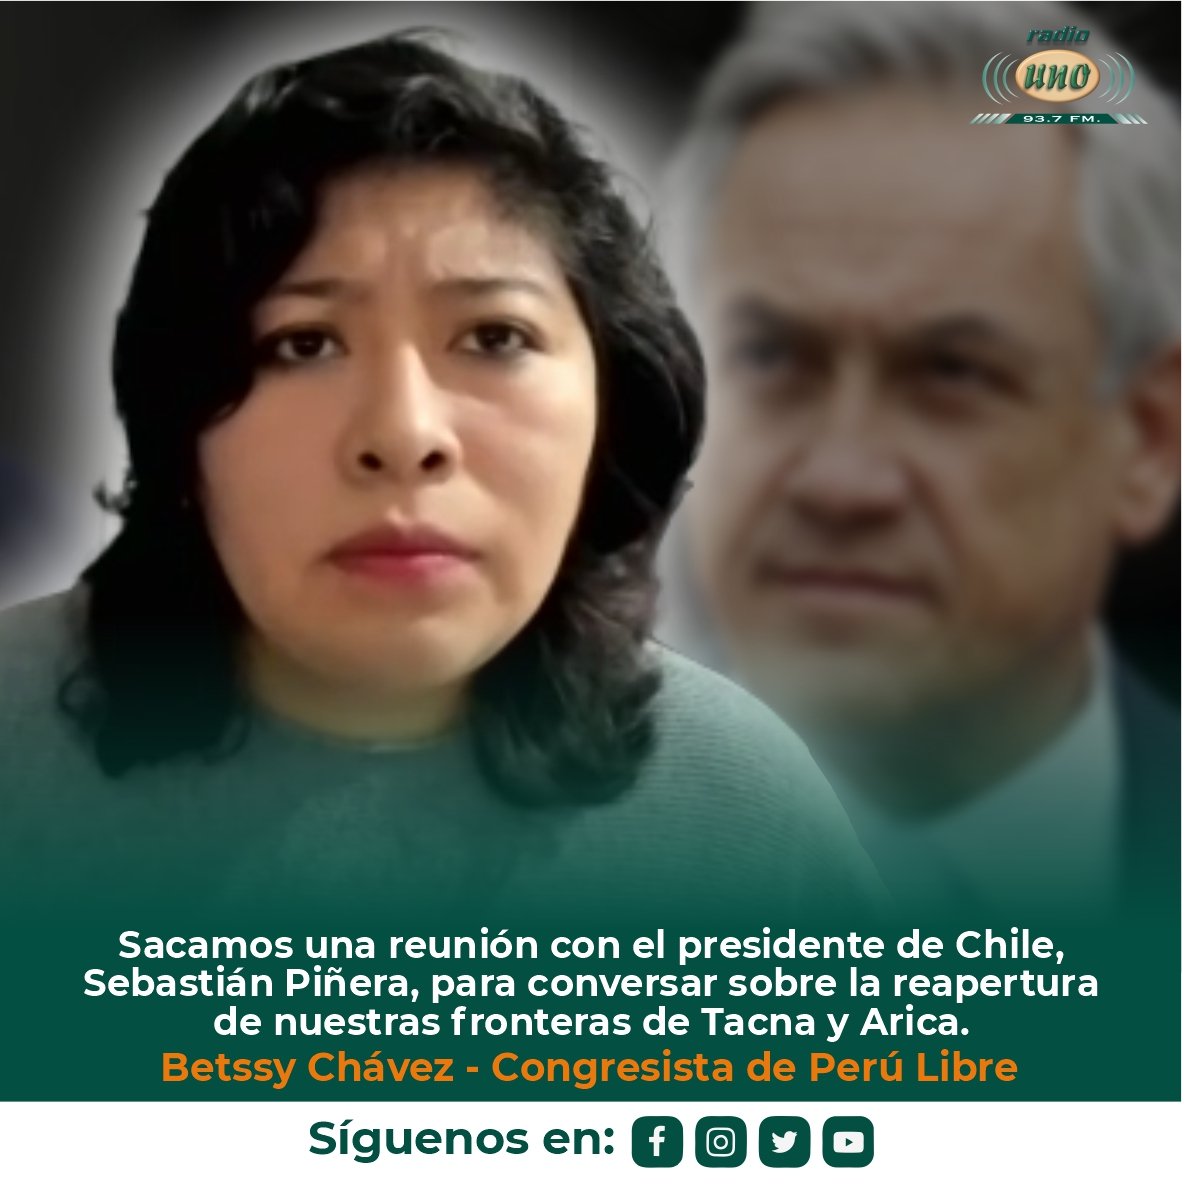 Sacamos una reunión con el presidente de Chile, Sebastián Piñera, para conversar sobre la reapertura de nuestras fronteras de Tacna y Arica